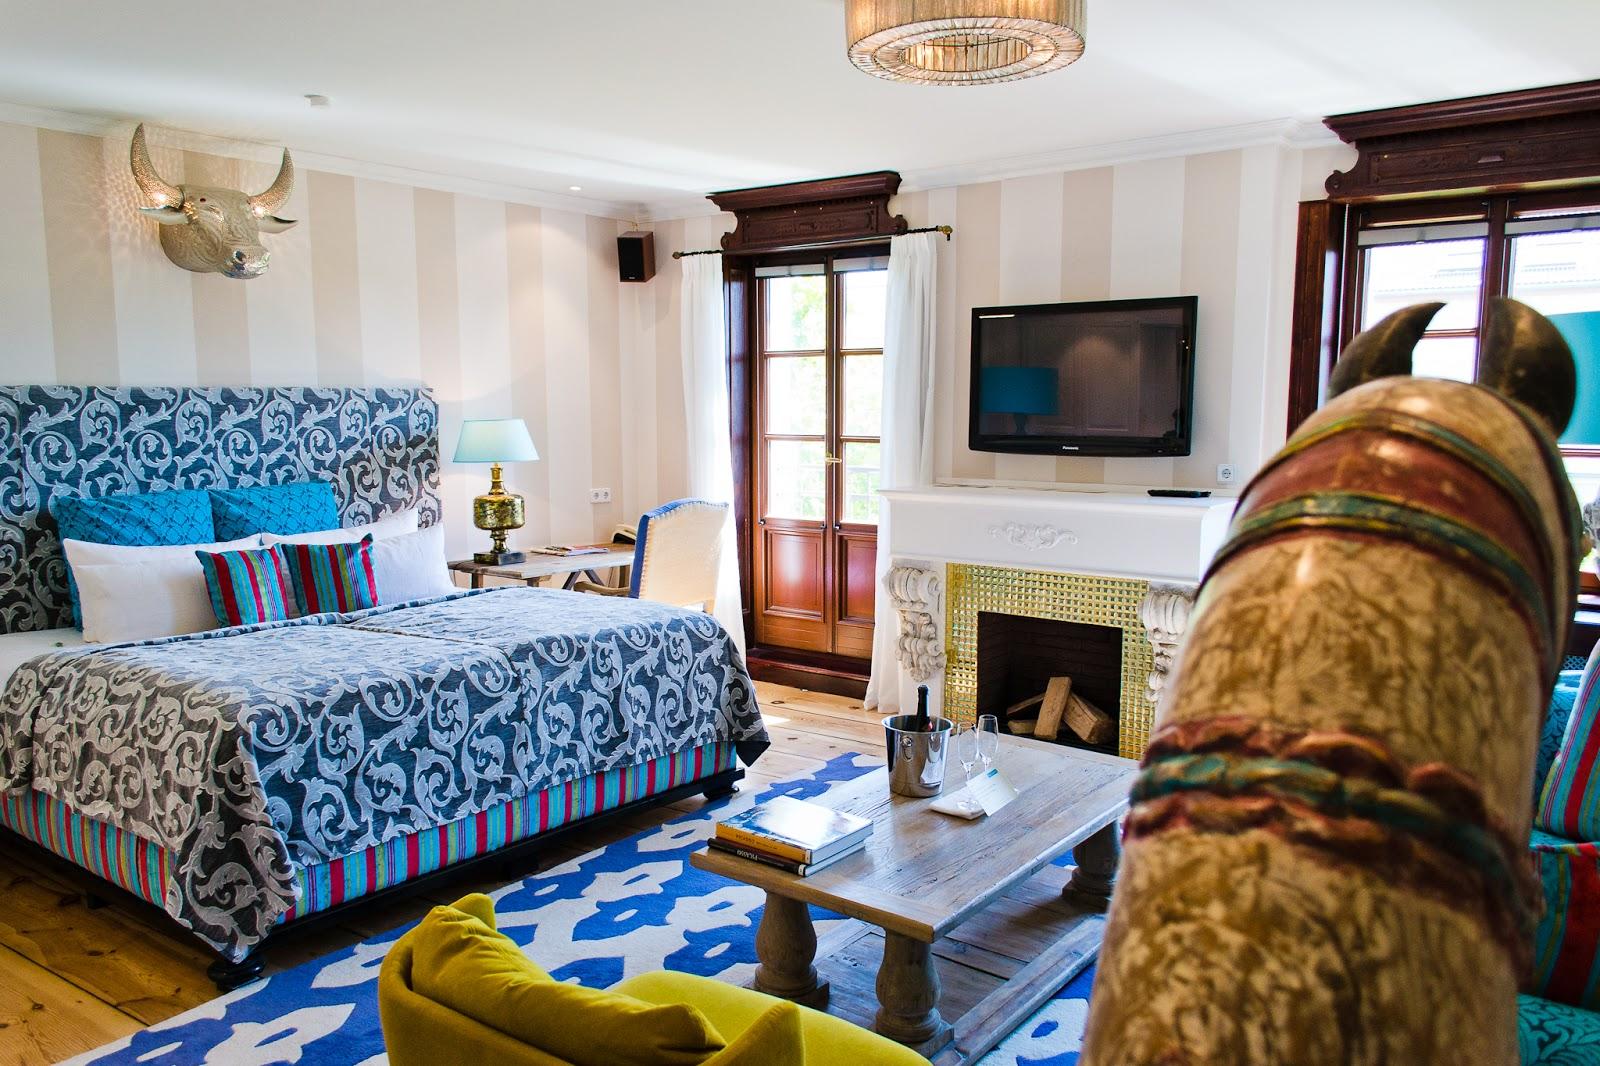 hotel Ackselhaus é um verdadeiro achado para quem procura design  #1E4677 1600x1066 Acessorios Banheiro Hotel